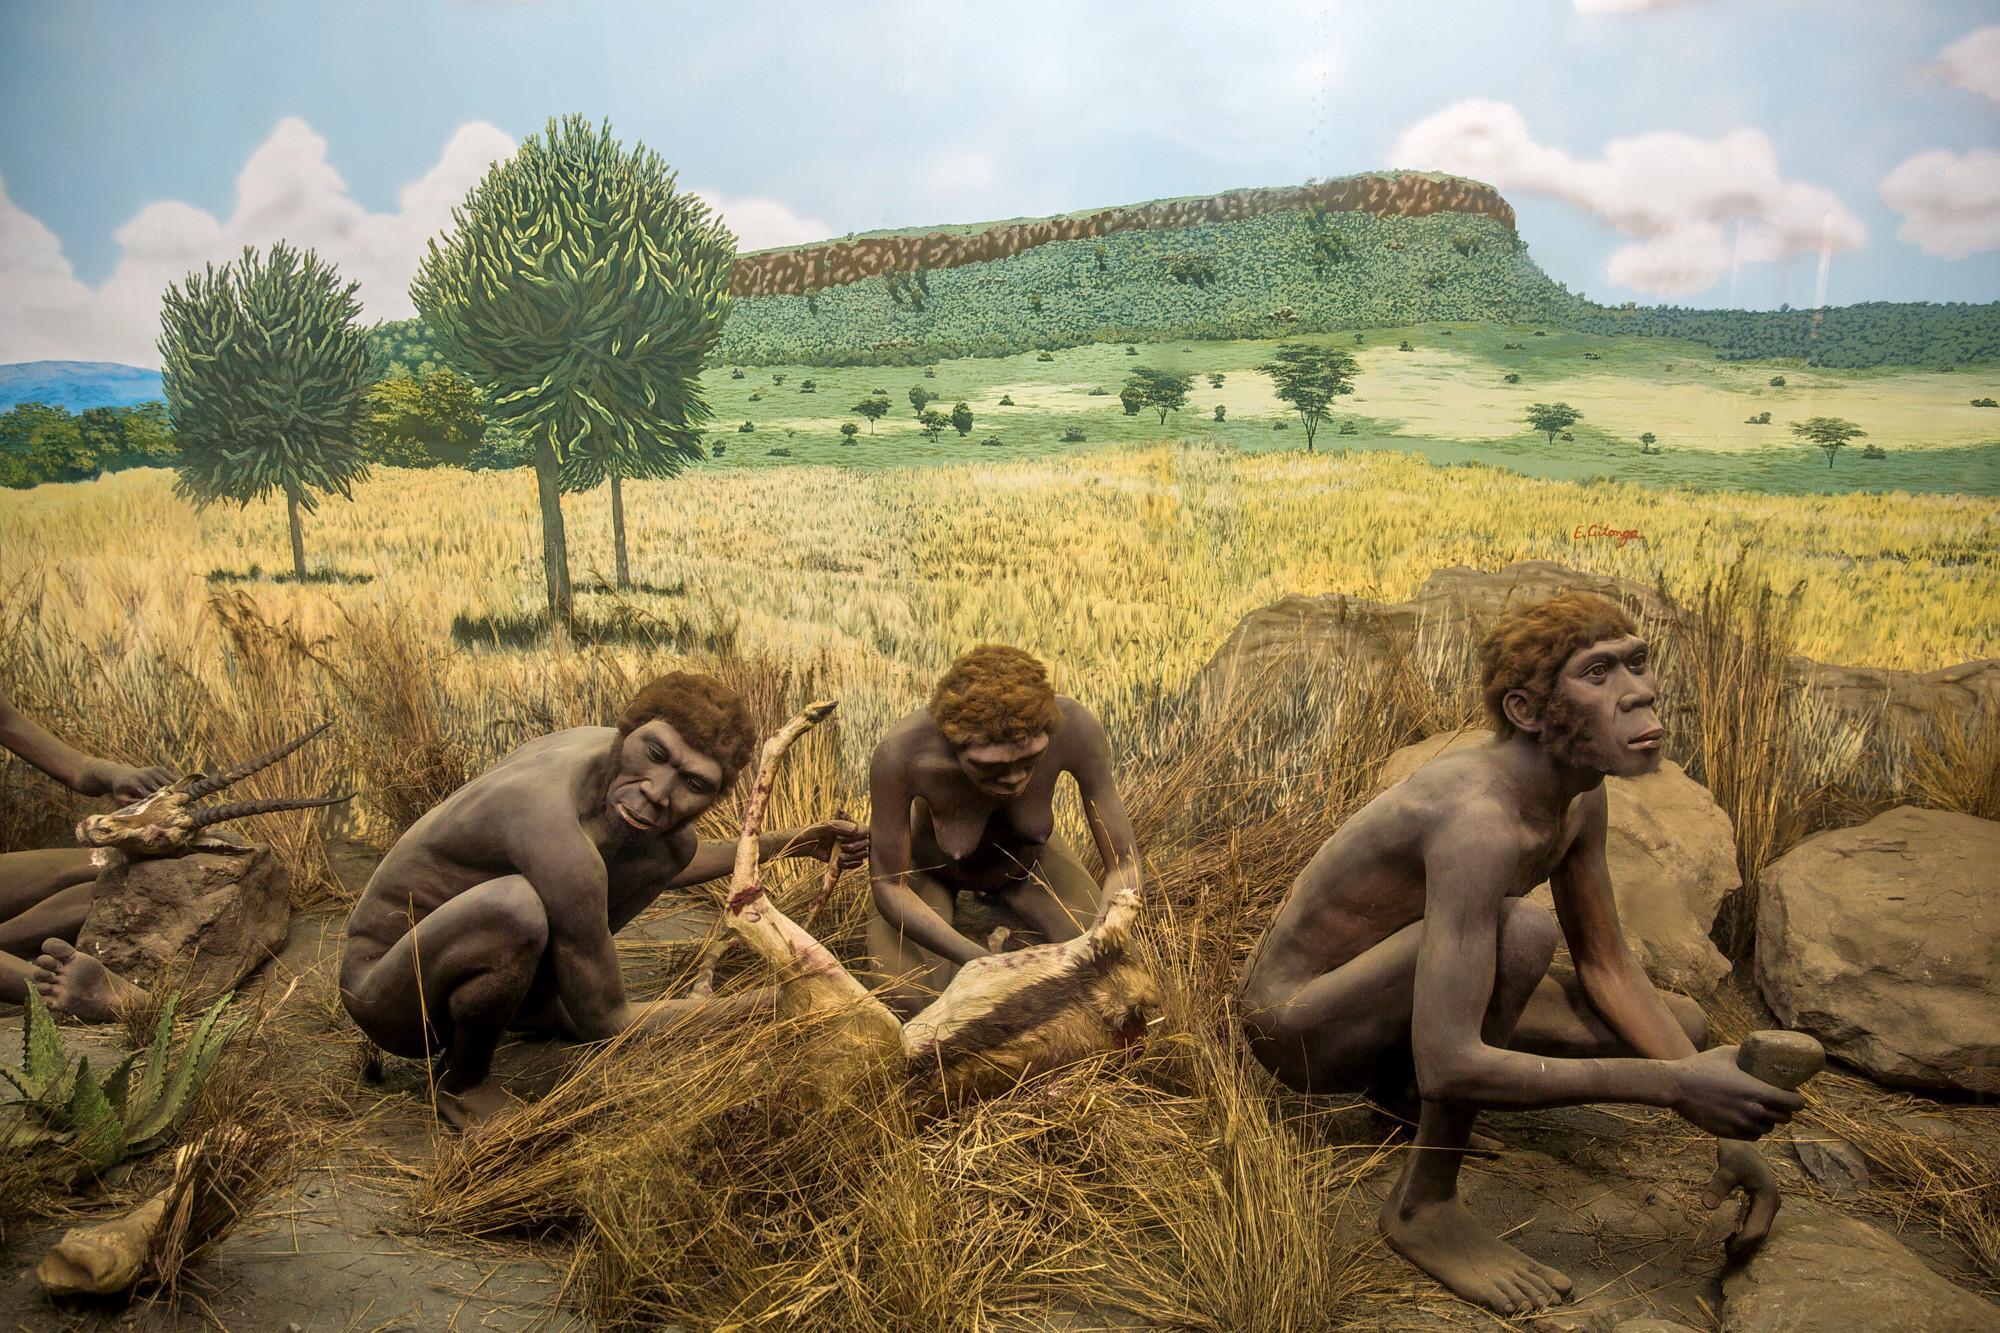 Климат или враги: что запирало Homo sapiens в Африке четверть миллиона лет